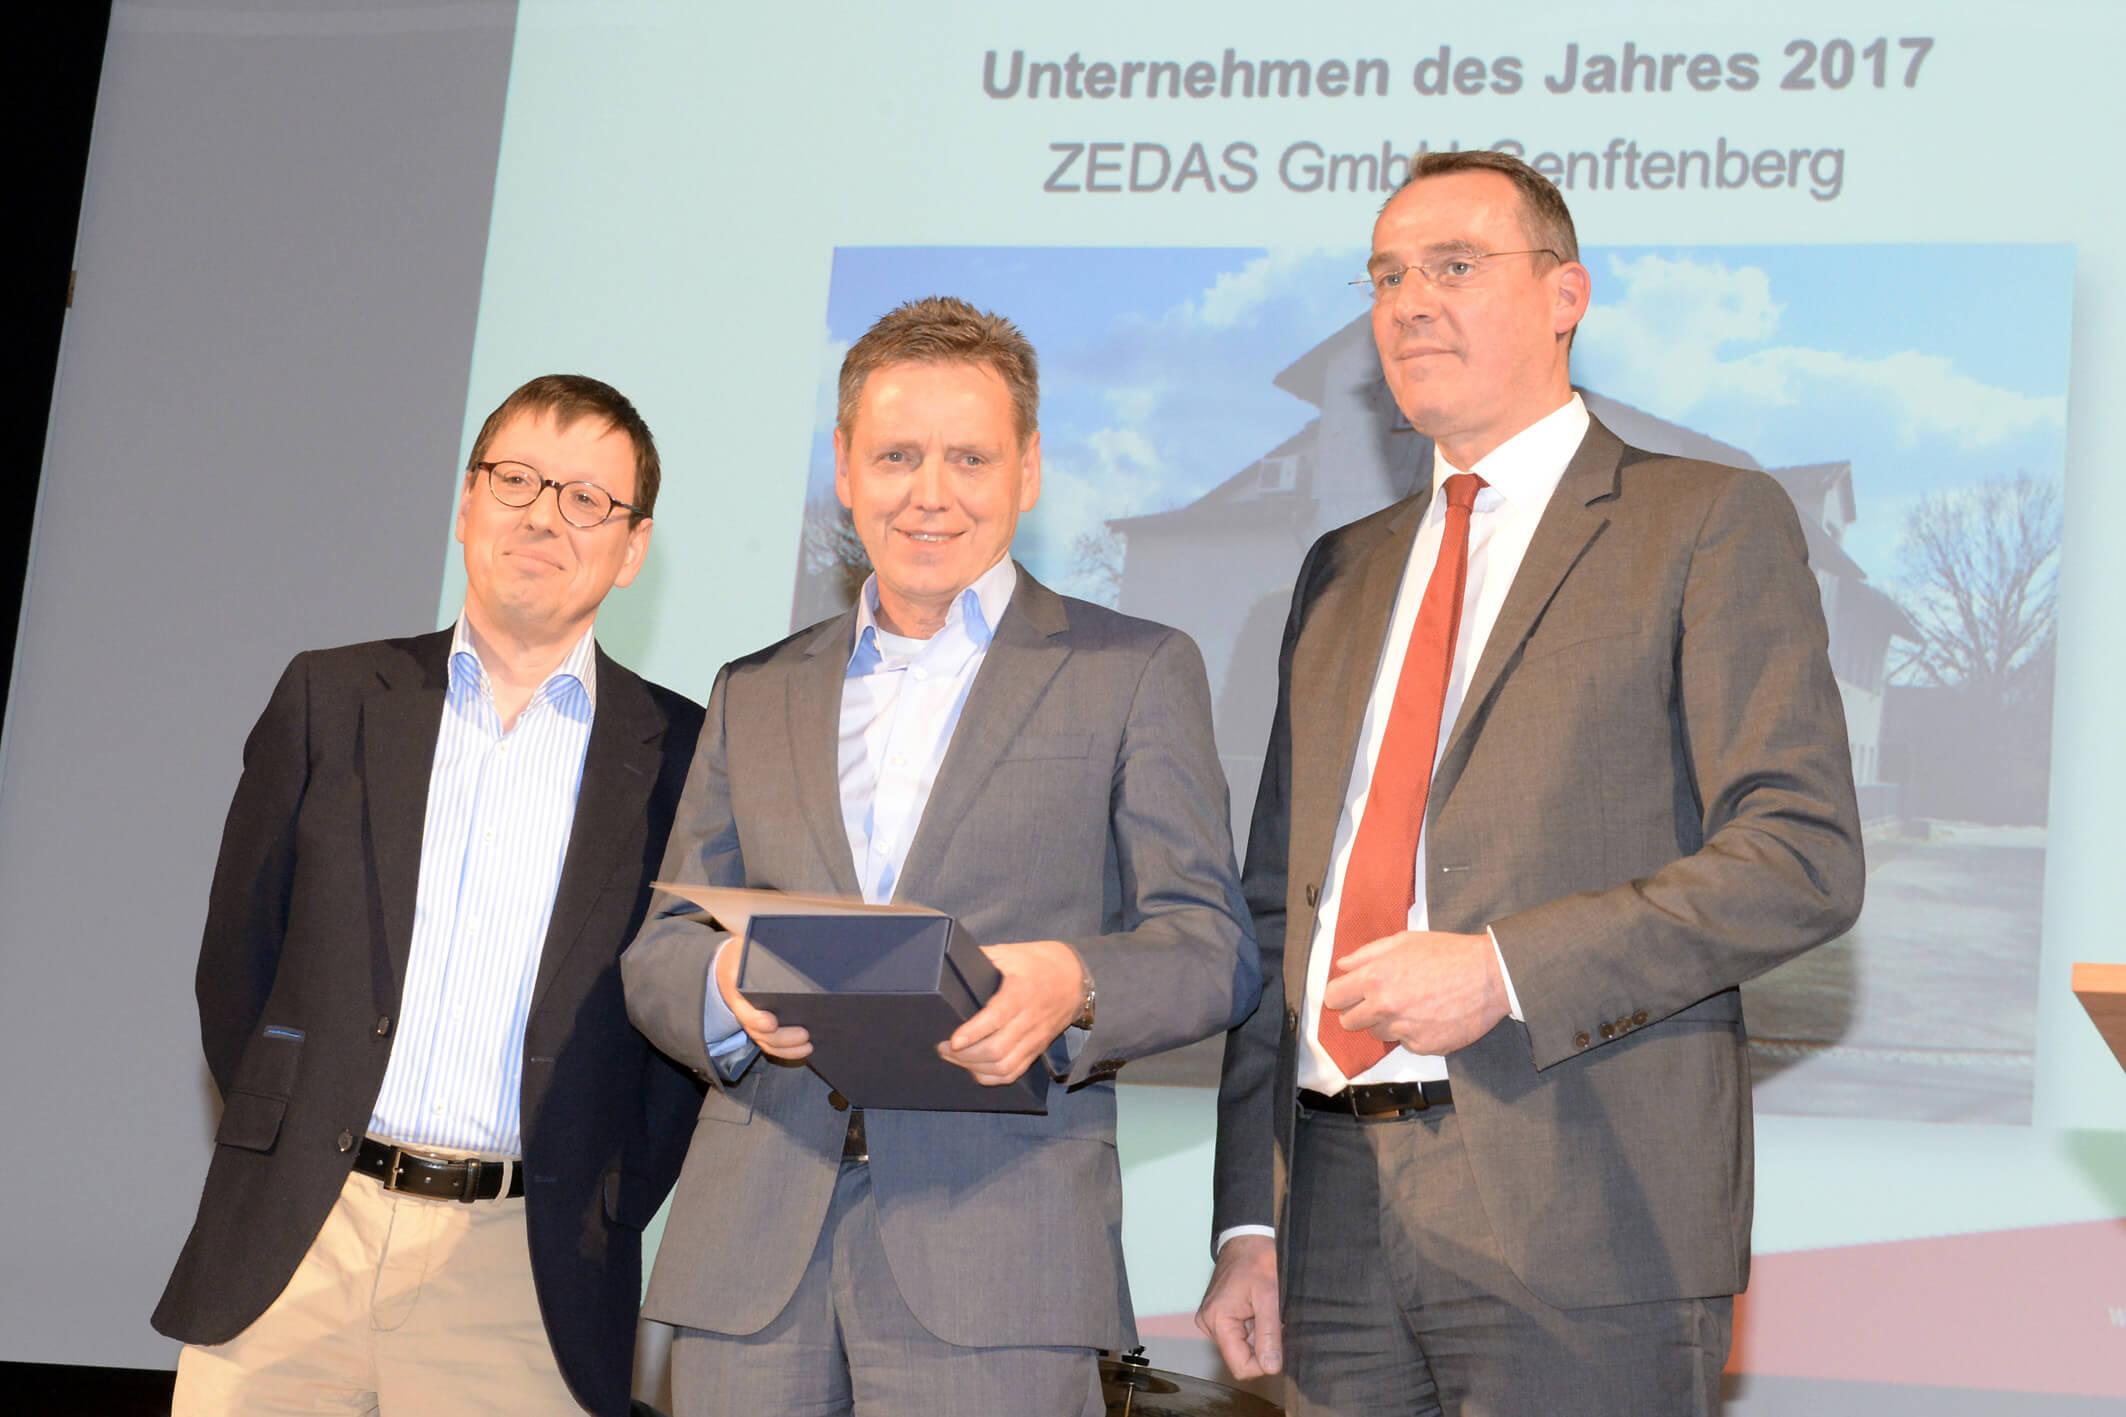 ZEDAS GmbH - Senftenberger Unternehmen des Jahres 2017